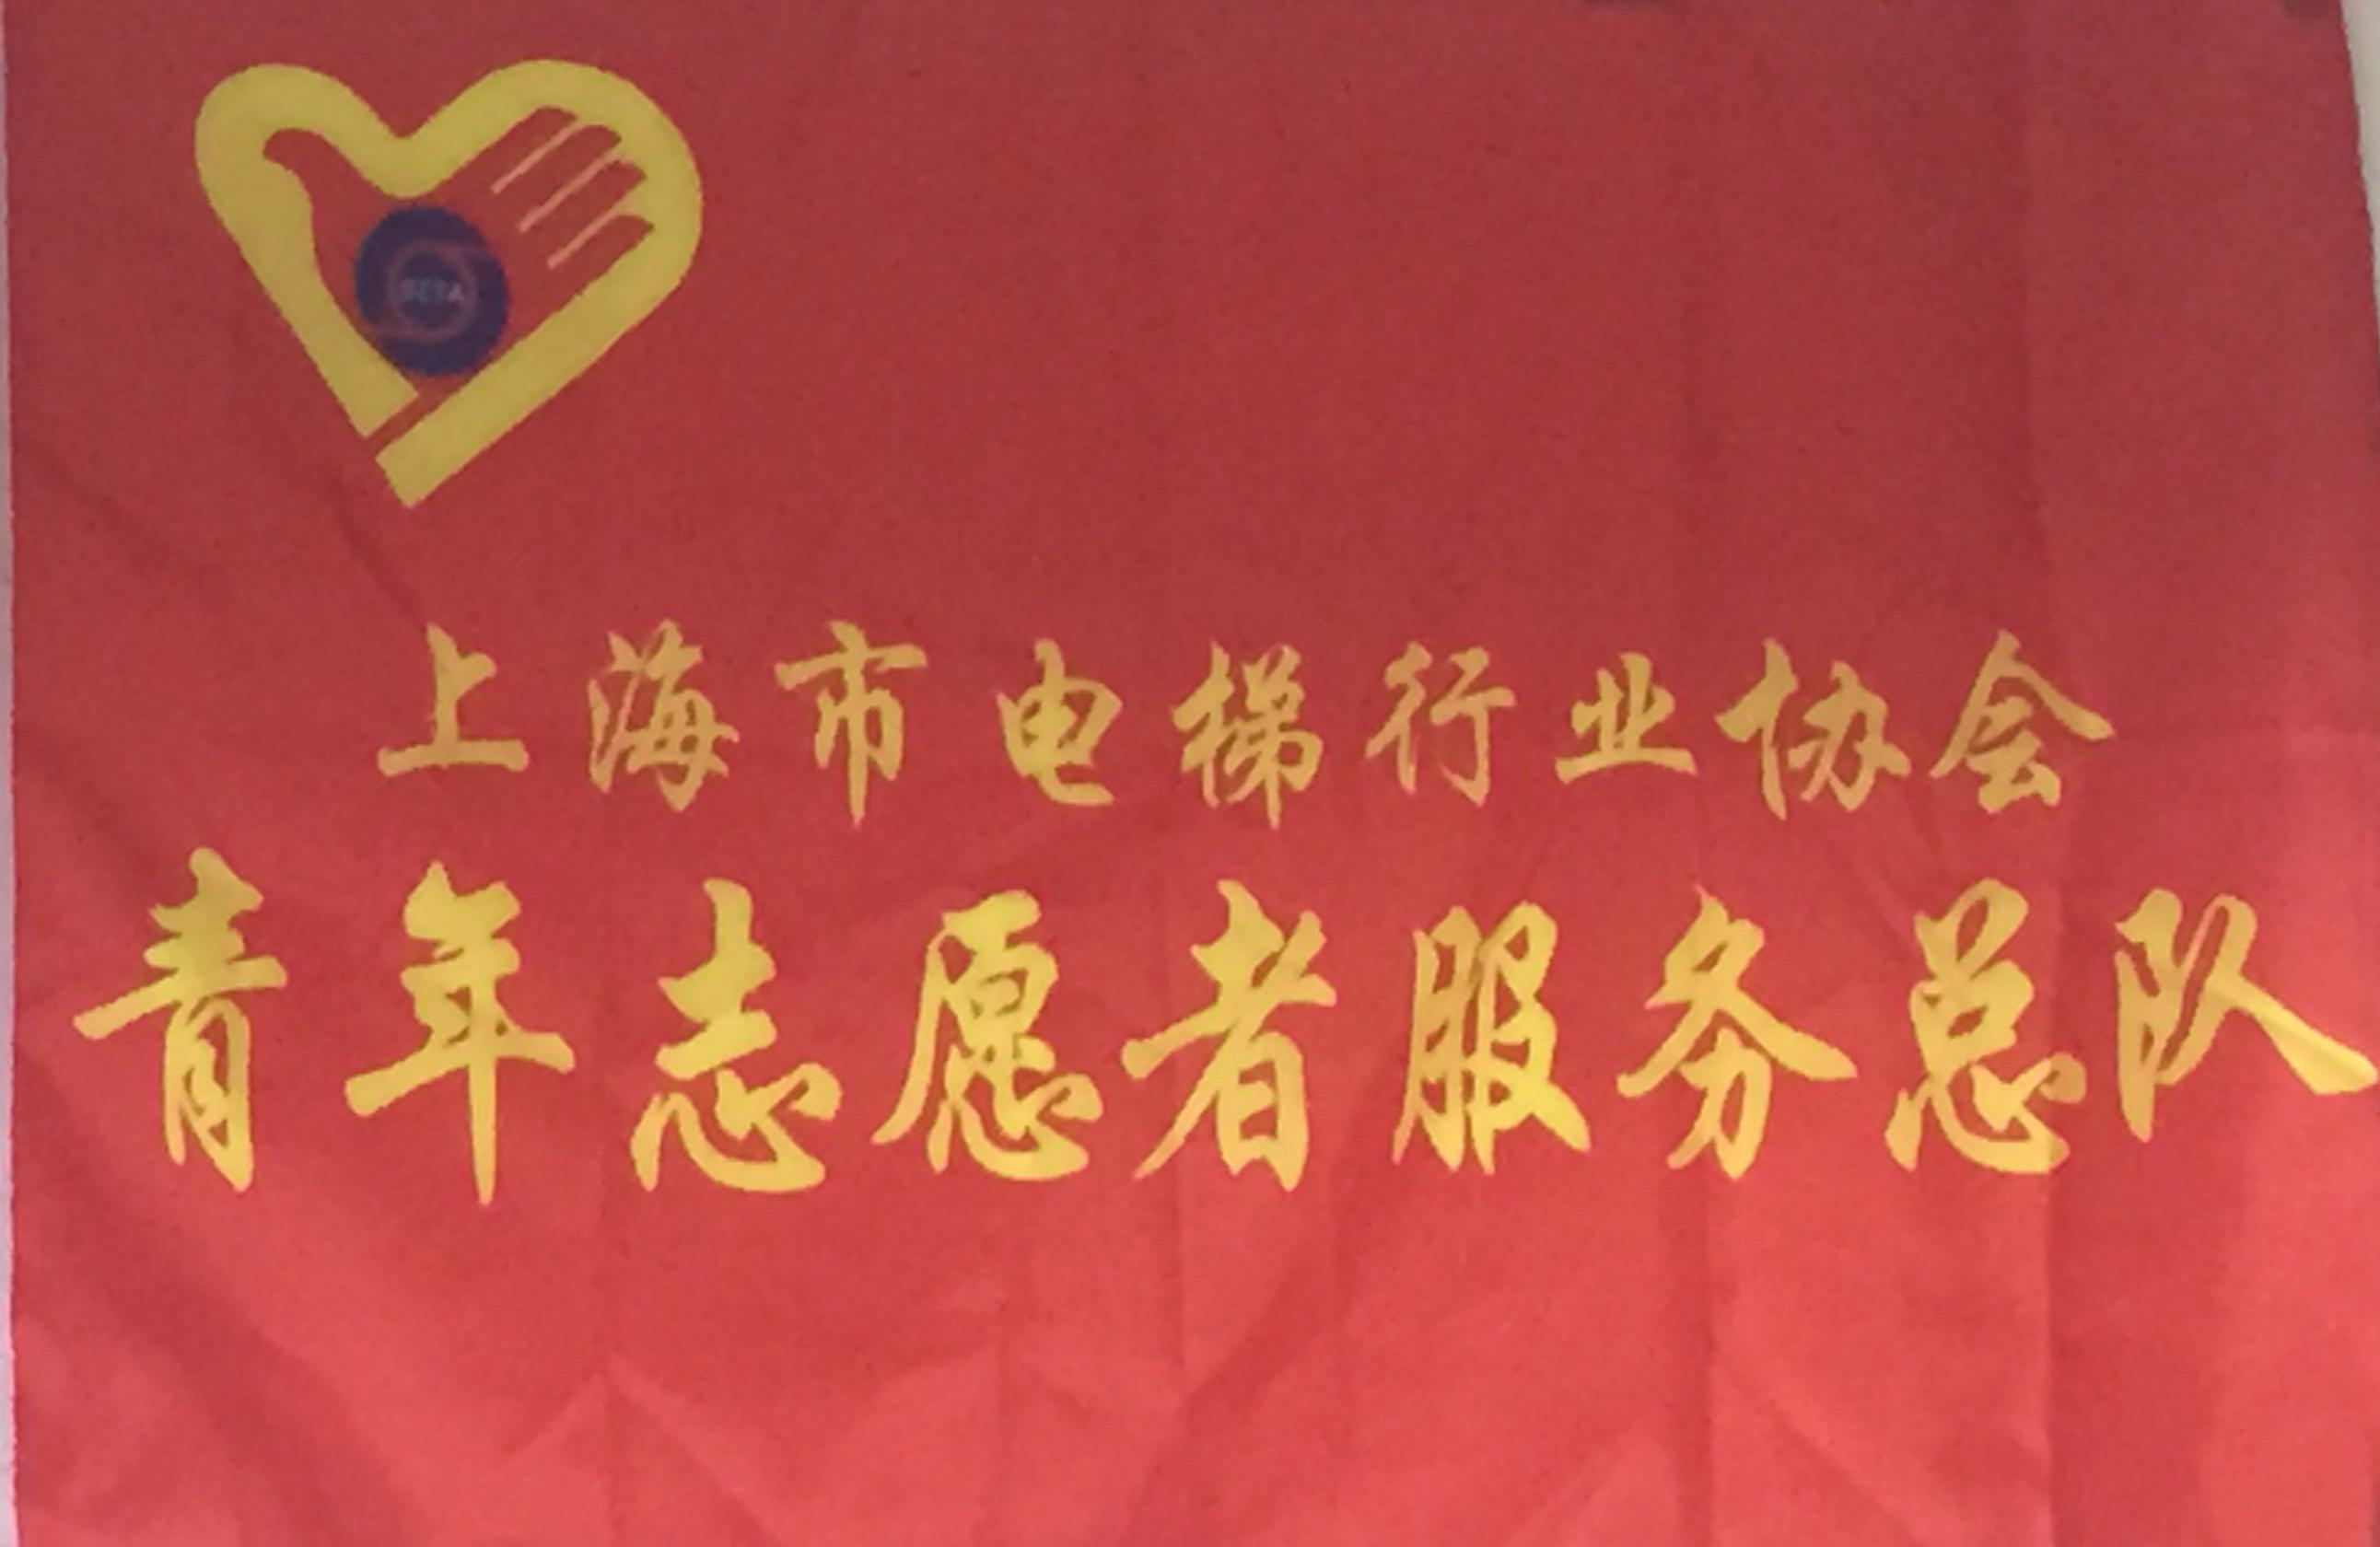 上海电梯行业青年志愿者电梯安全宣传公益日活动新闻发布会召开 -上